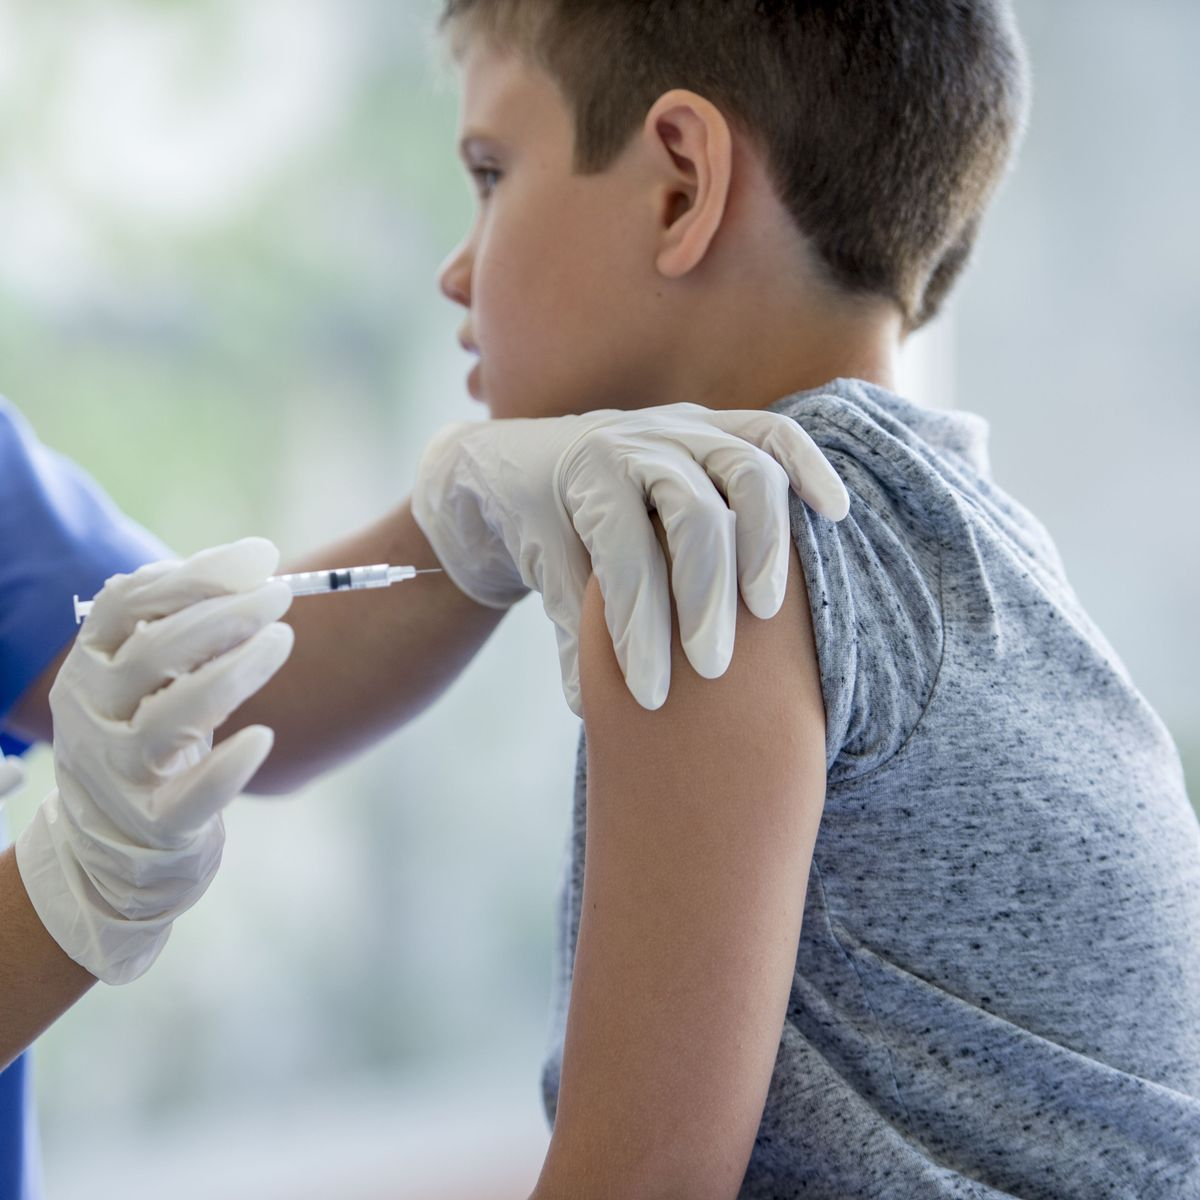 papillomaviren impfung jungen)